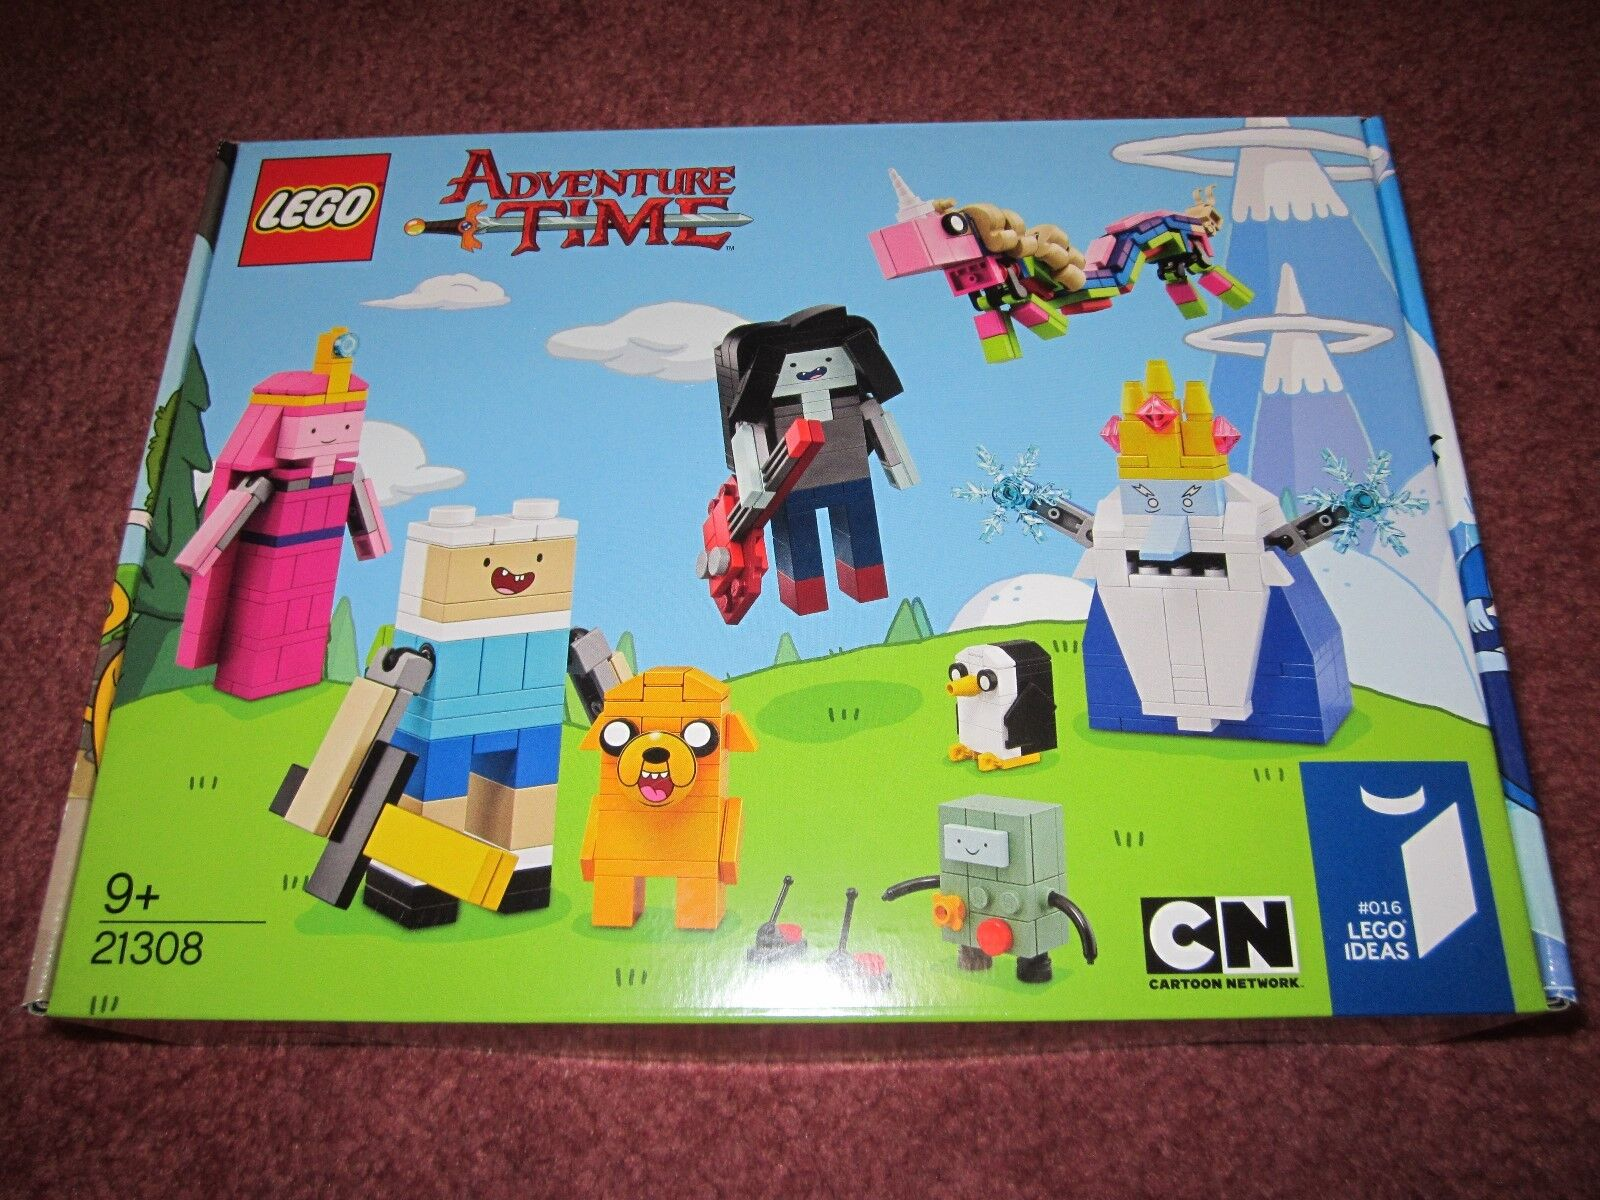 Lego Ideas Adventure Time 21308-Nuevo en Caja Sellado